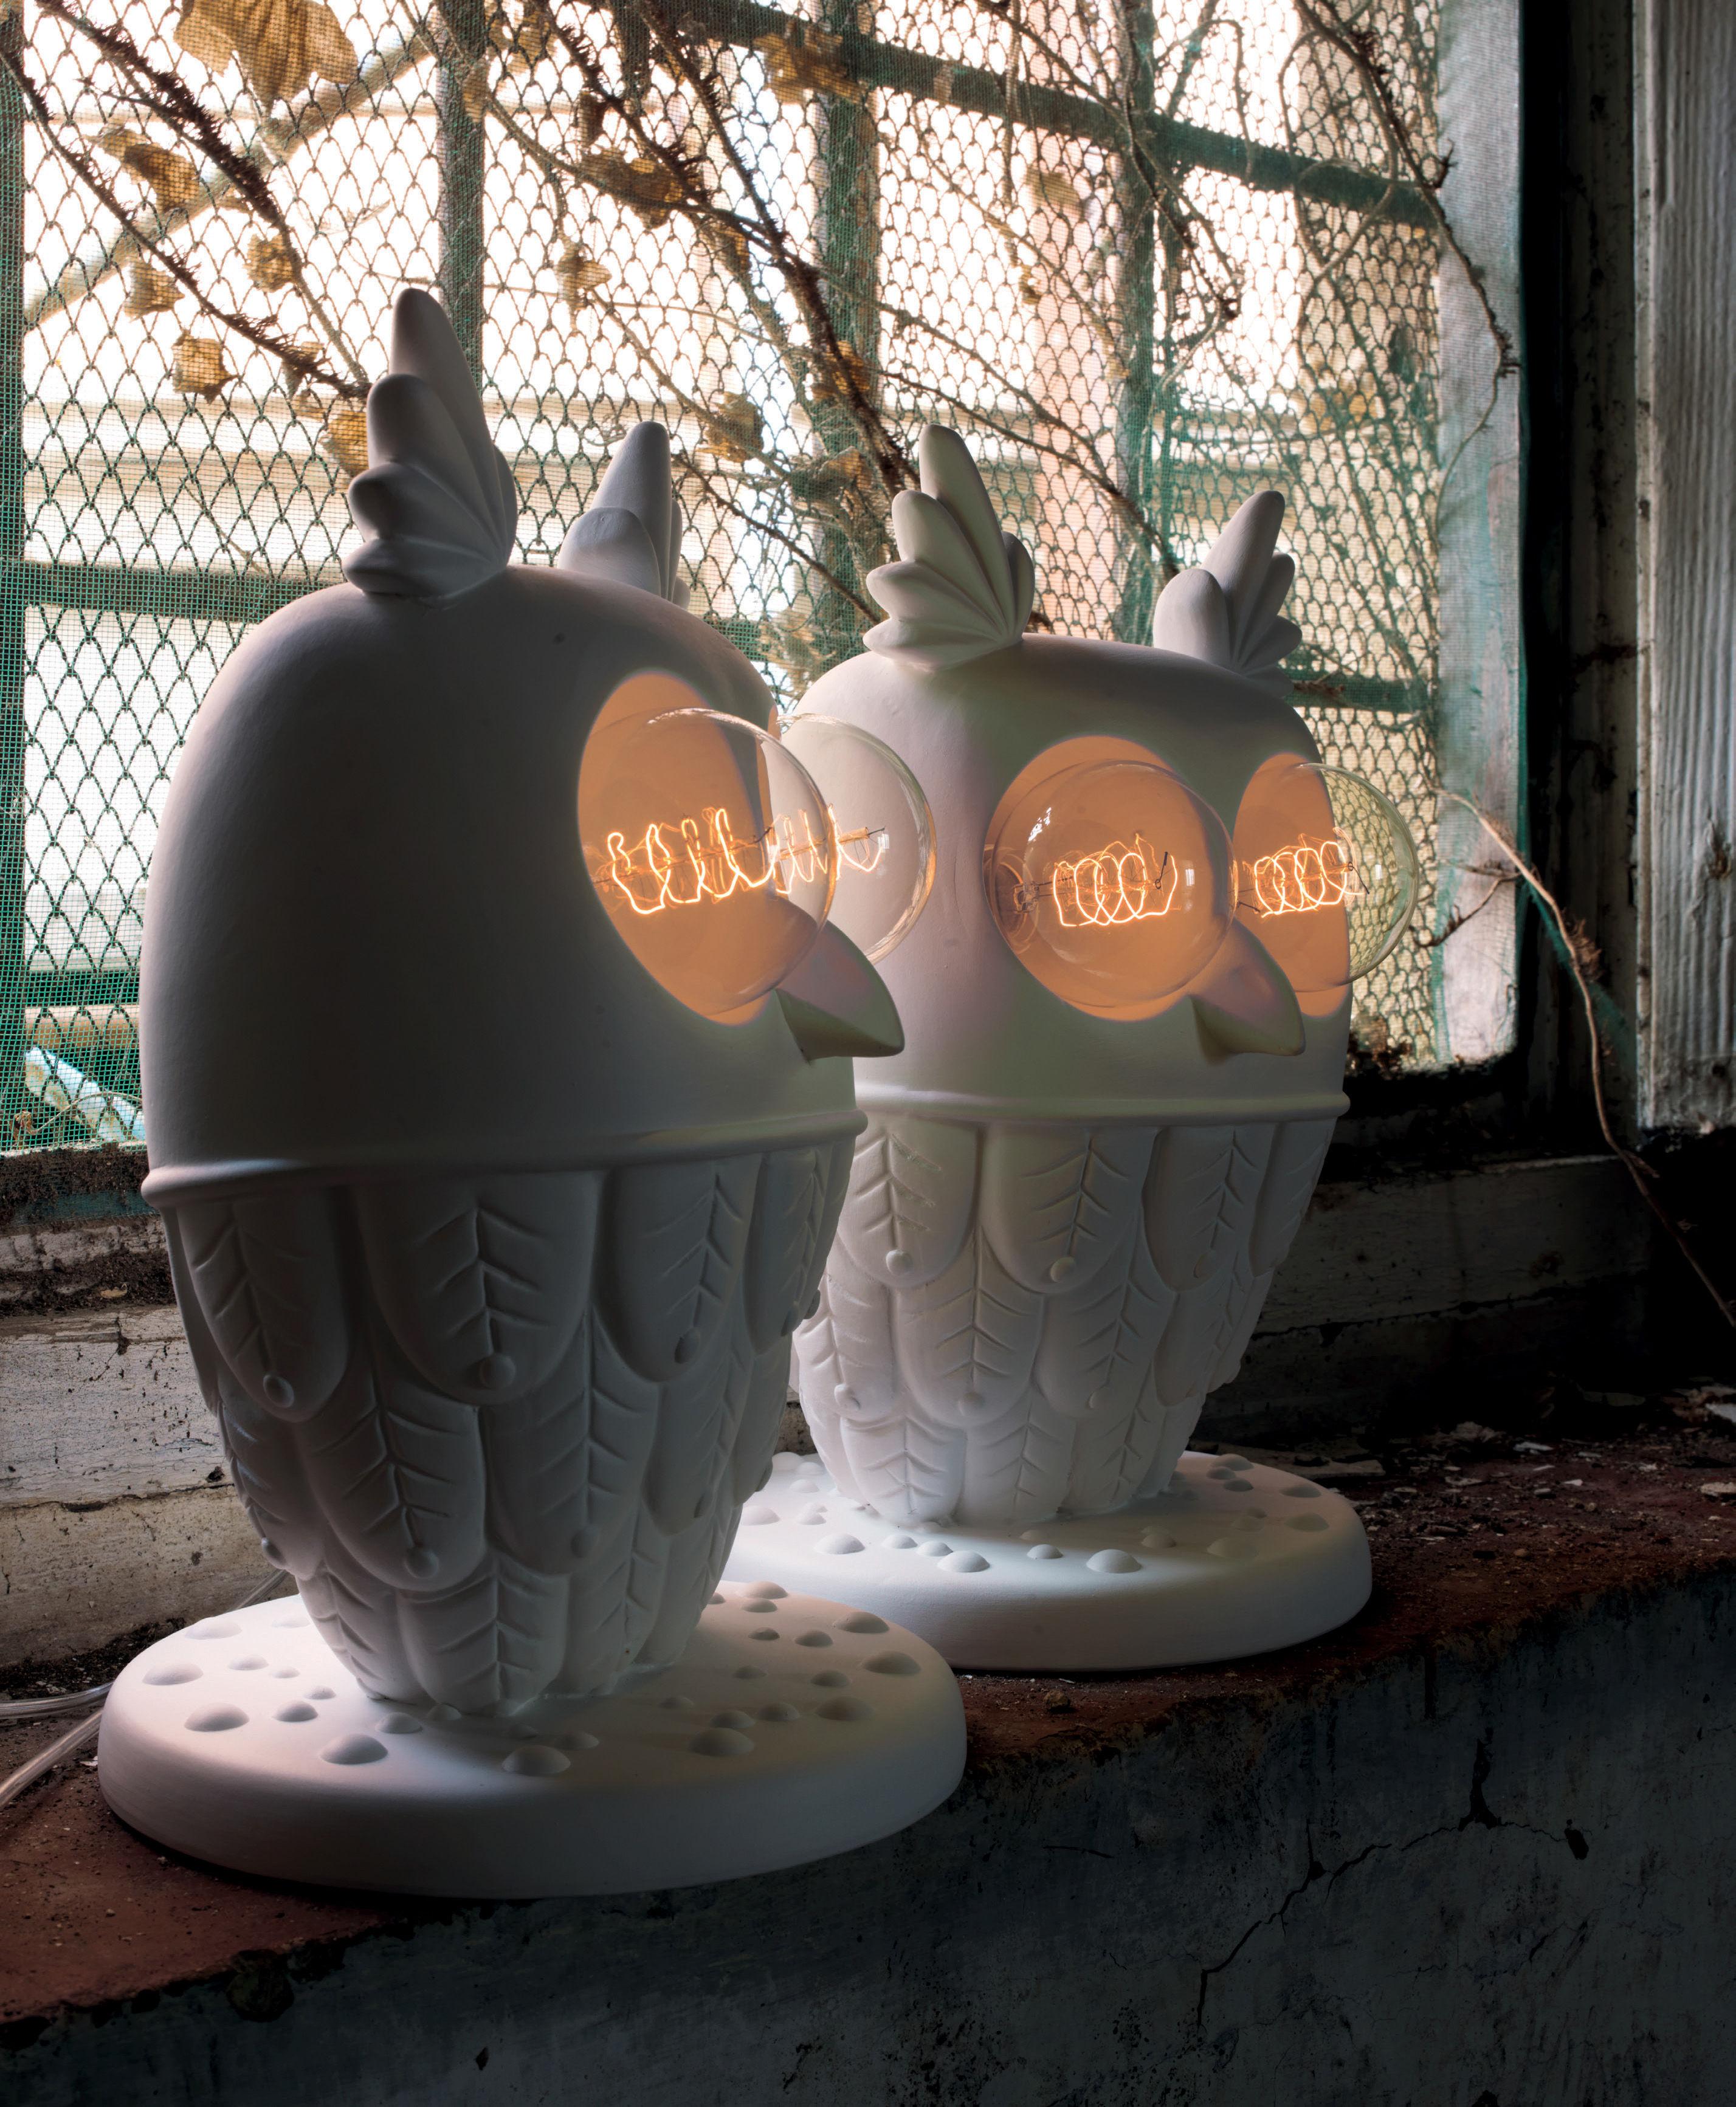 Ti vedo tischleuchte keramik eule h 41 cm wei by karman made in design - Keramik tischleuchte ...